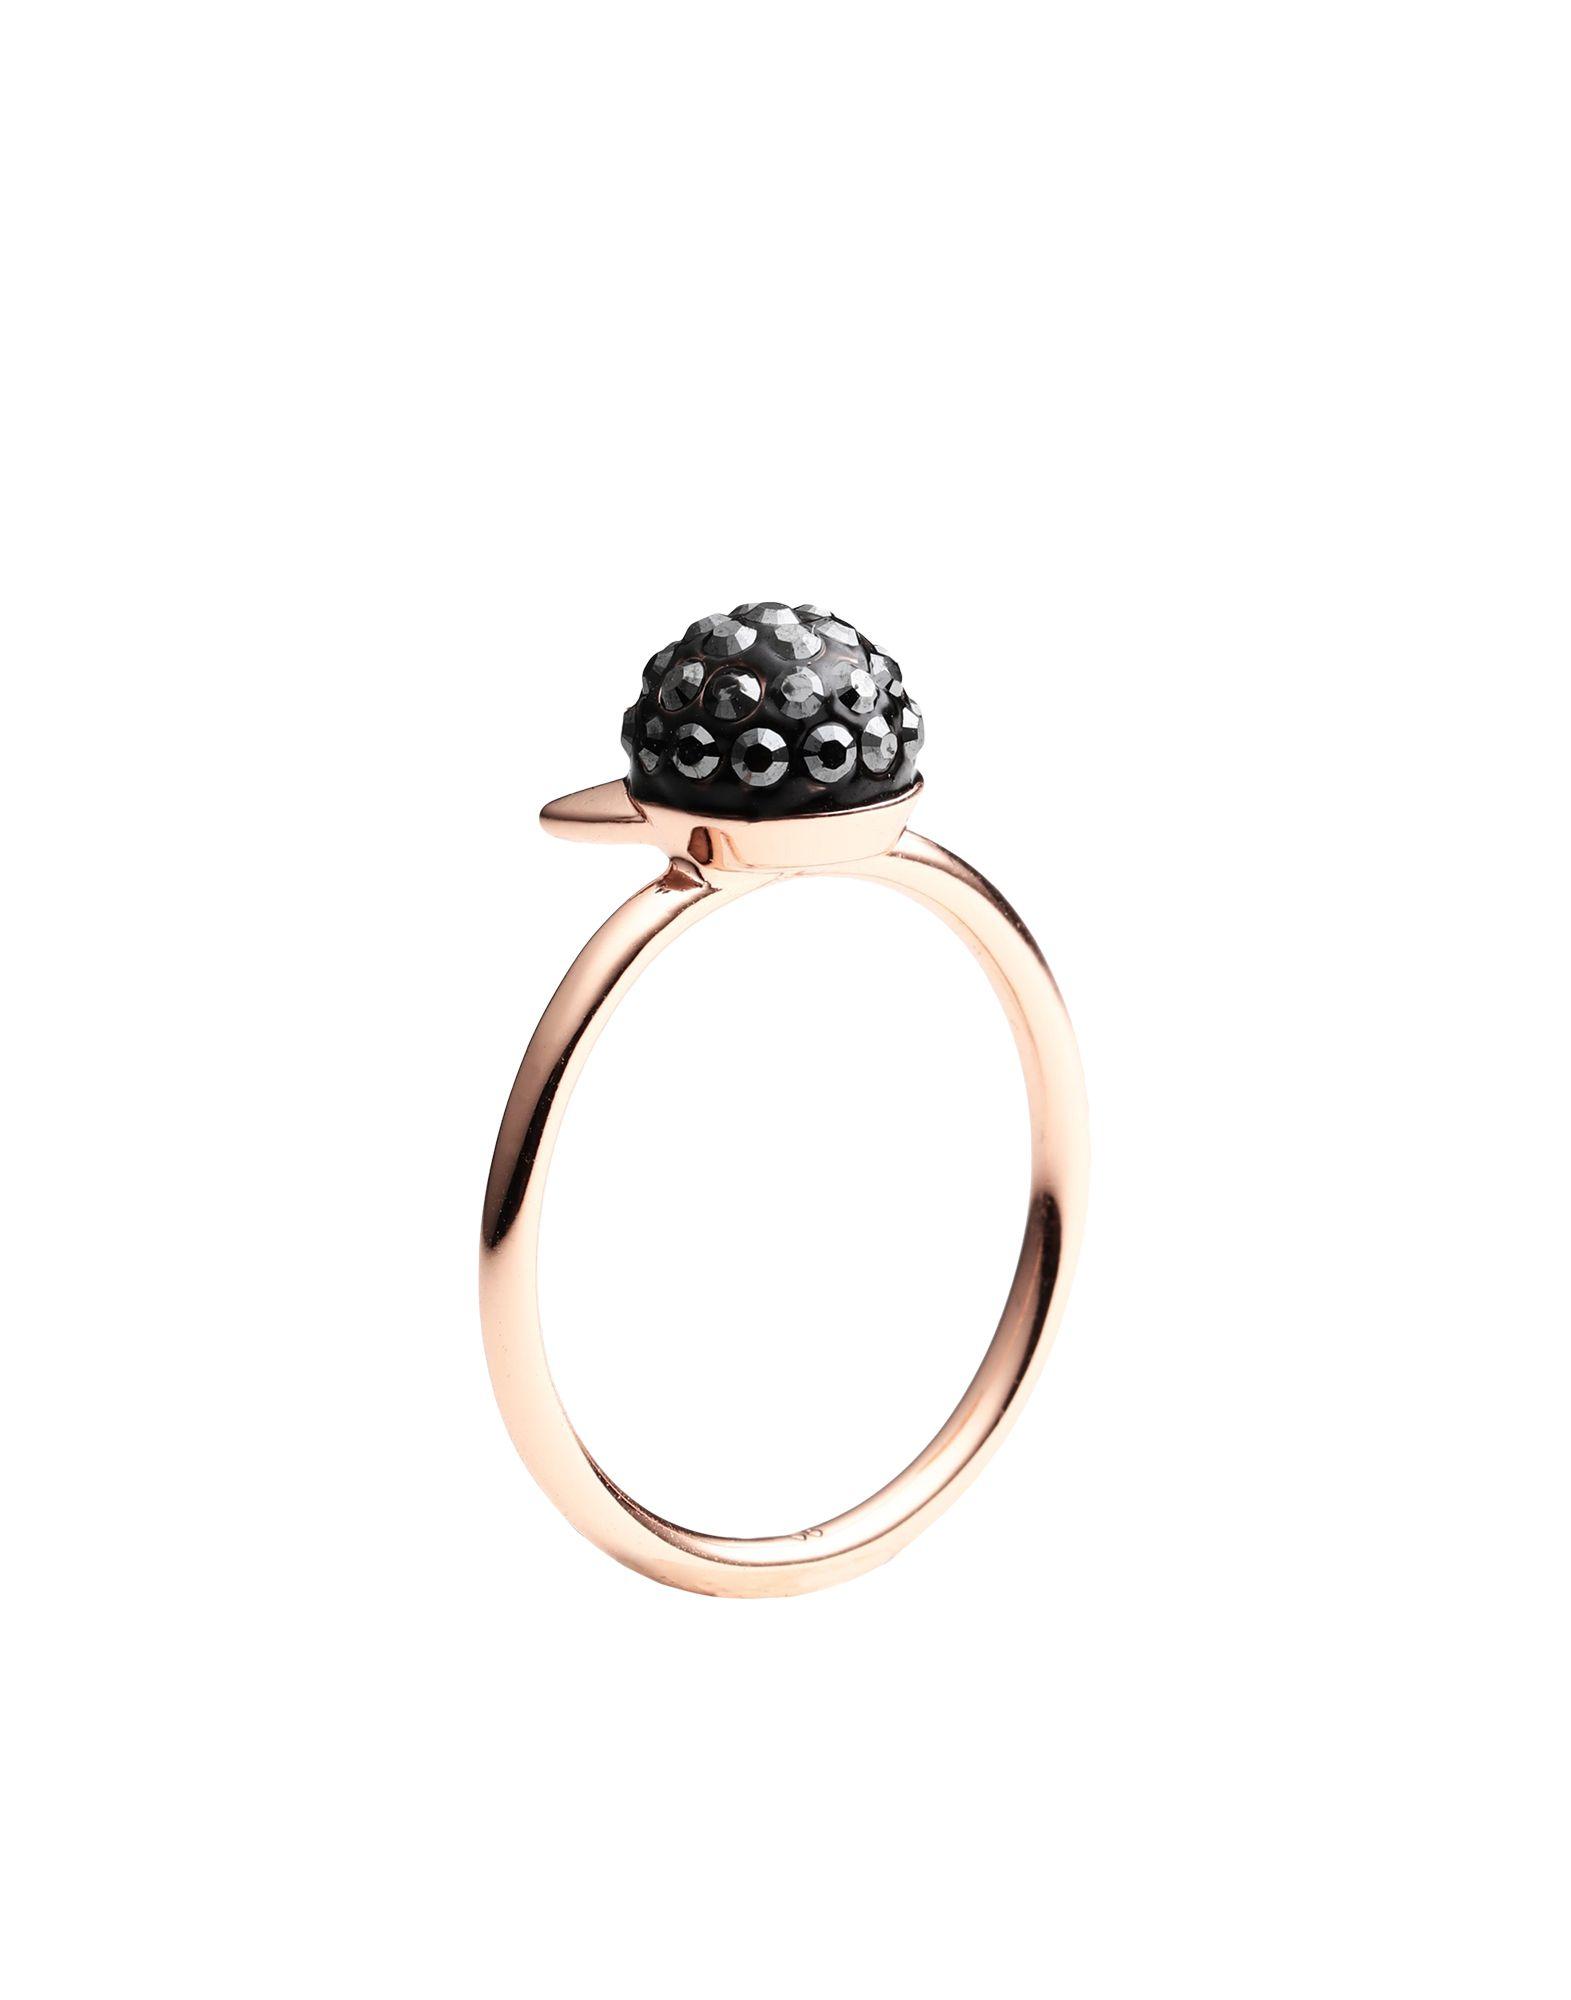 《セール開催中》KARL LAGERFELD レディース 指輪 カッパー 52 真鍮/ブラス / スワロフスキー CRYSTAL CHOUPETTE RG